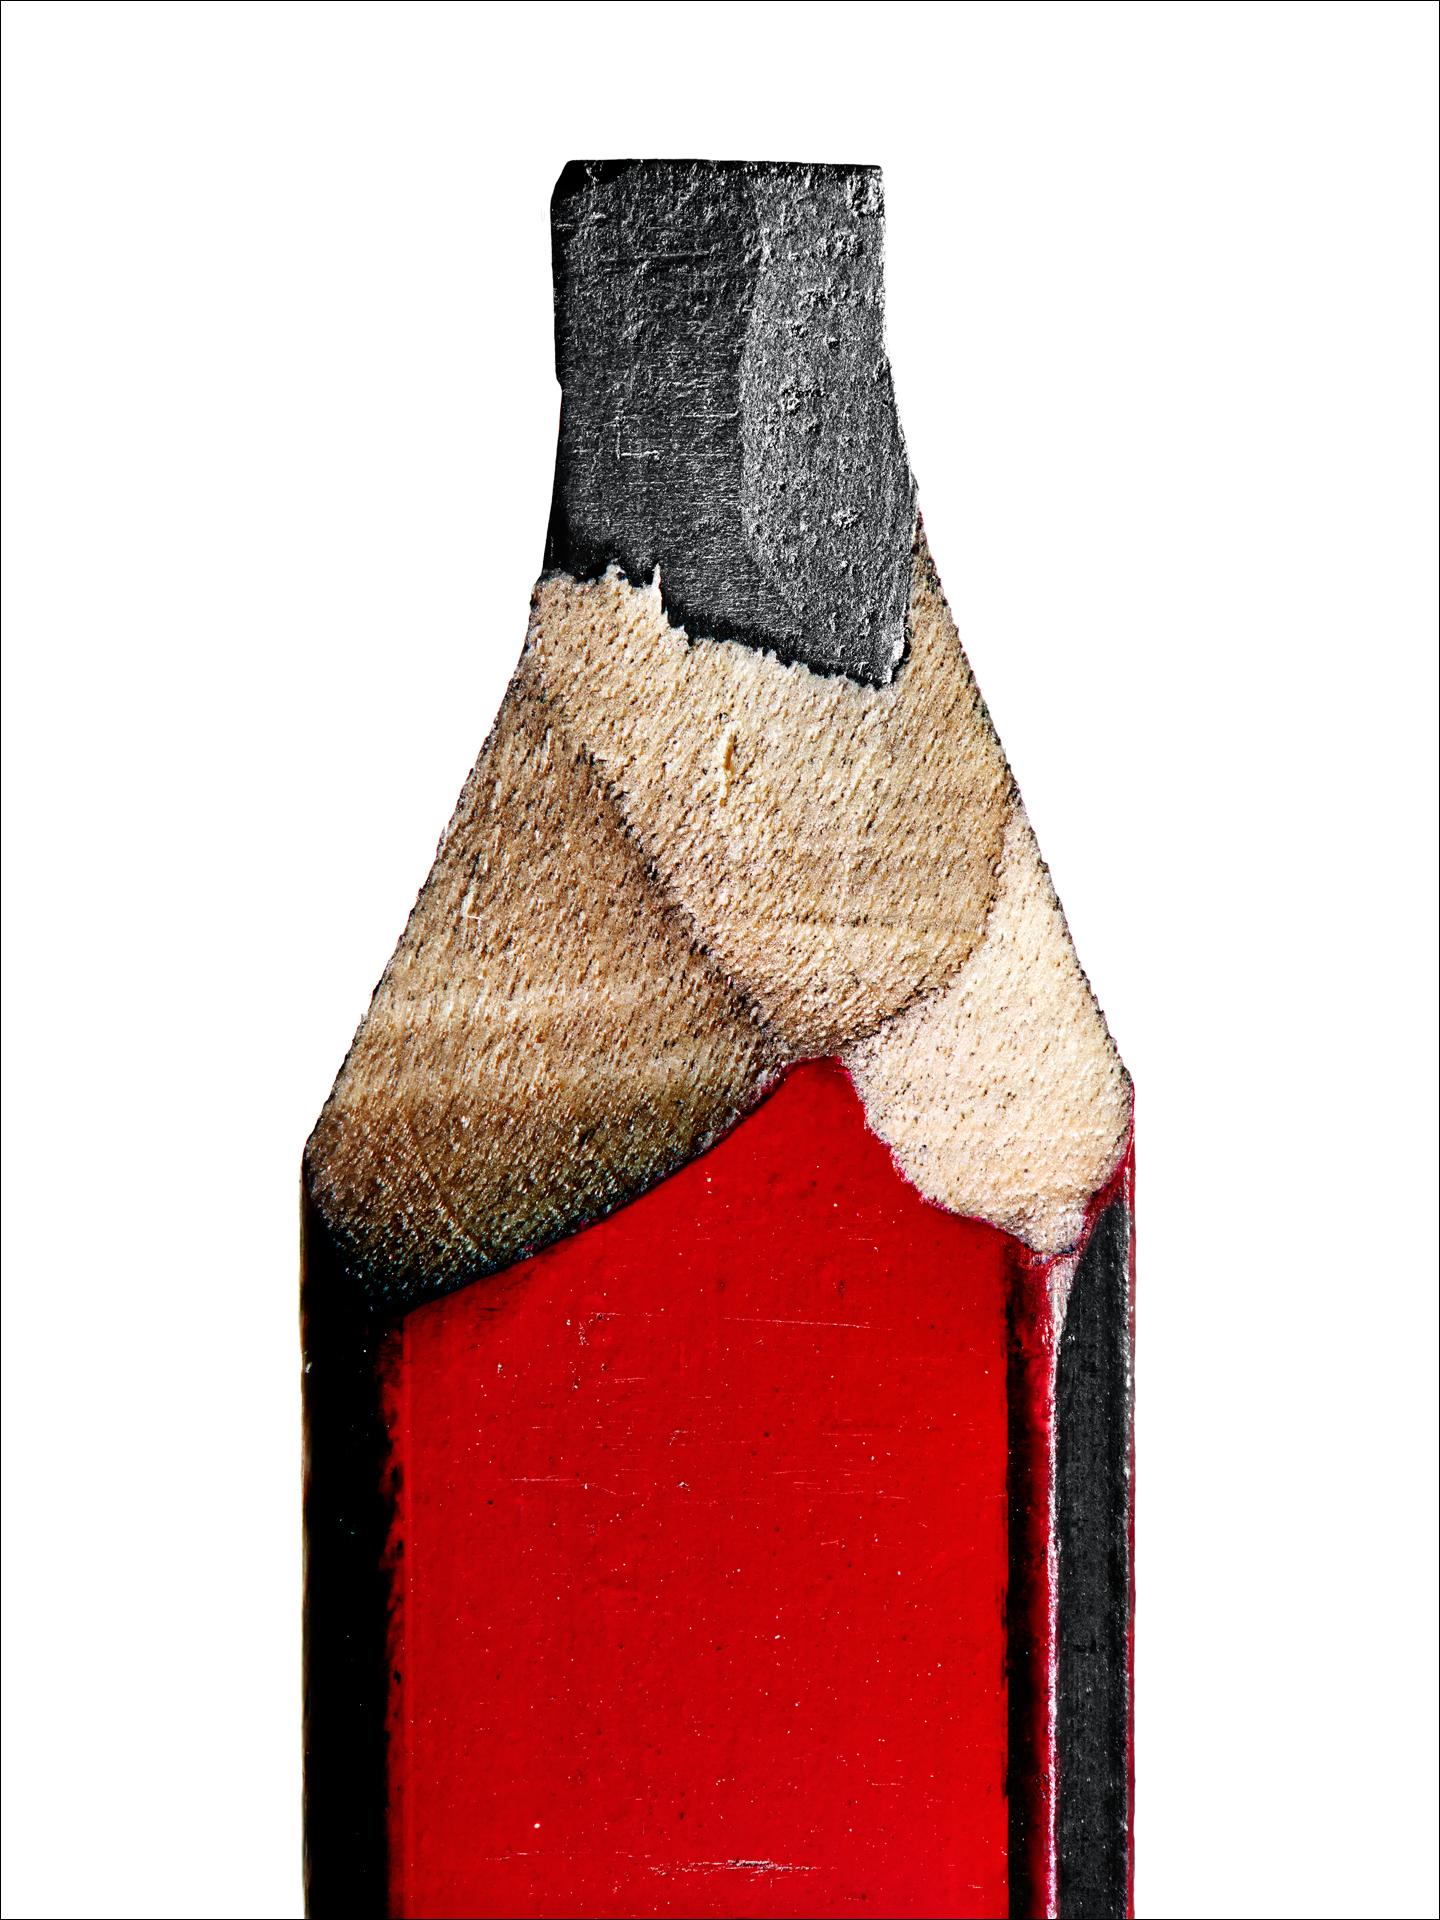 la matita di Tom Dixon (dettaglio)